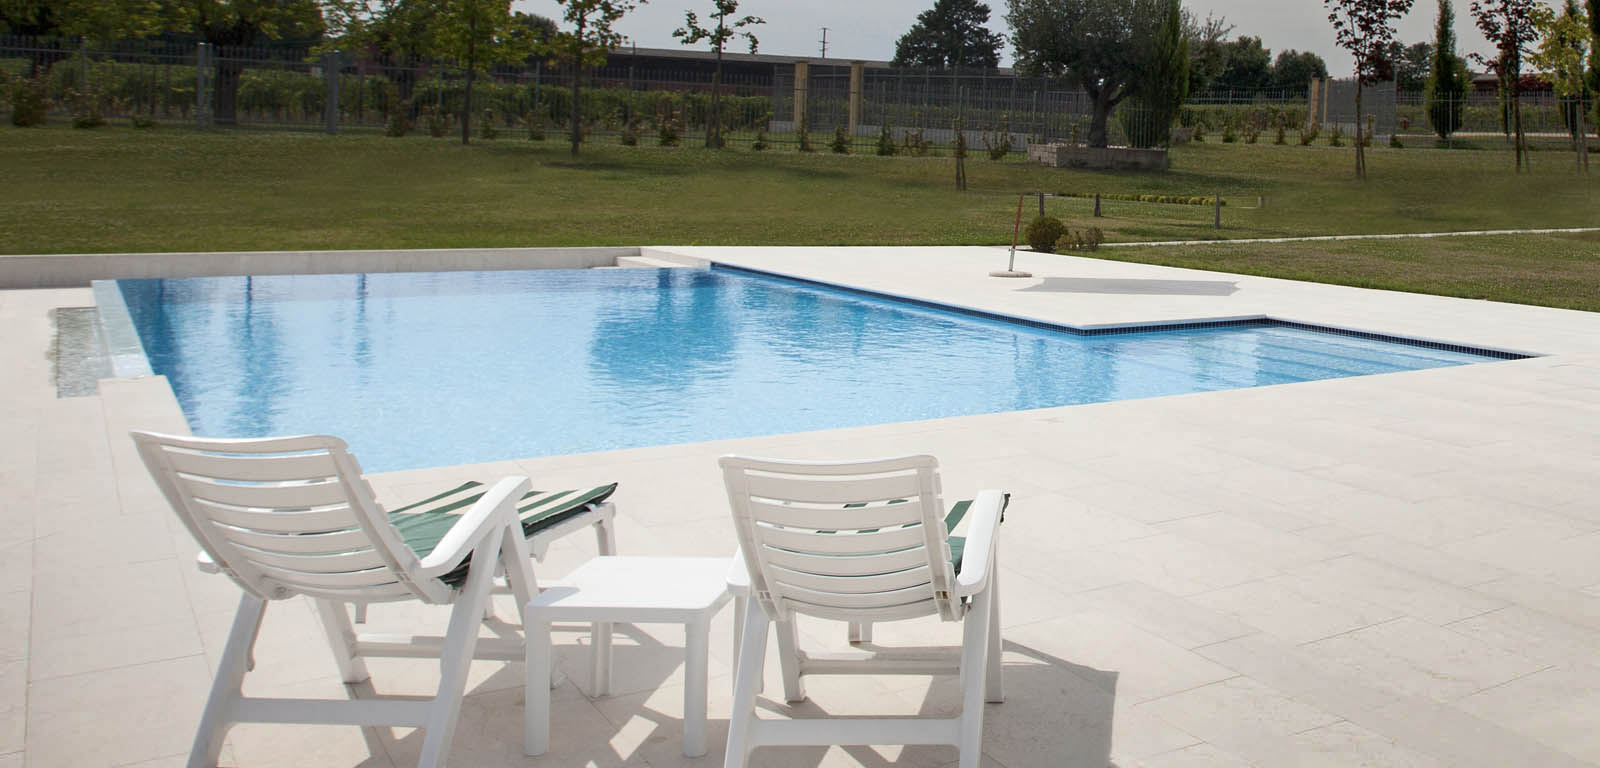 Piscine da interno design with piscine da interno piscina fai da te with piscine da interno - Piscine da interno ...